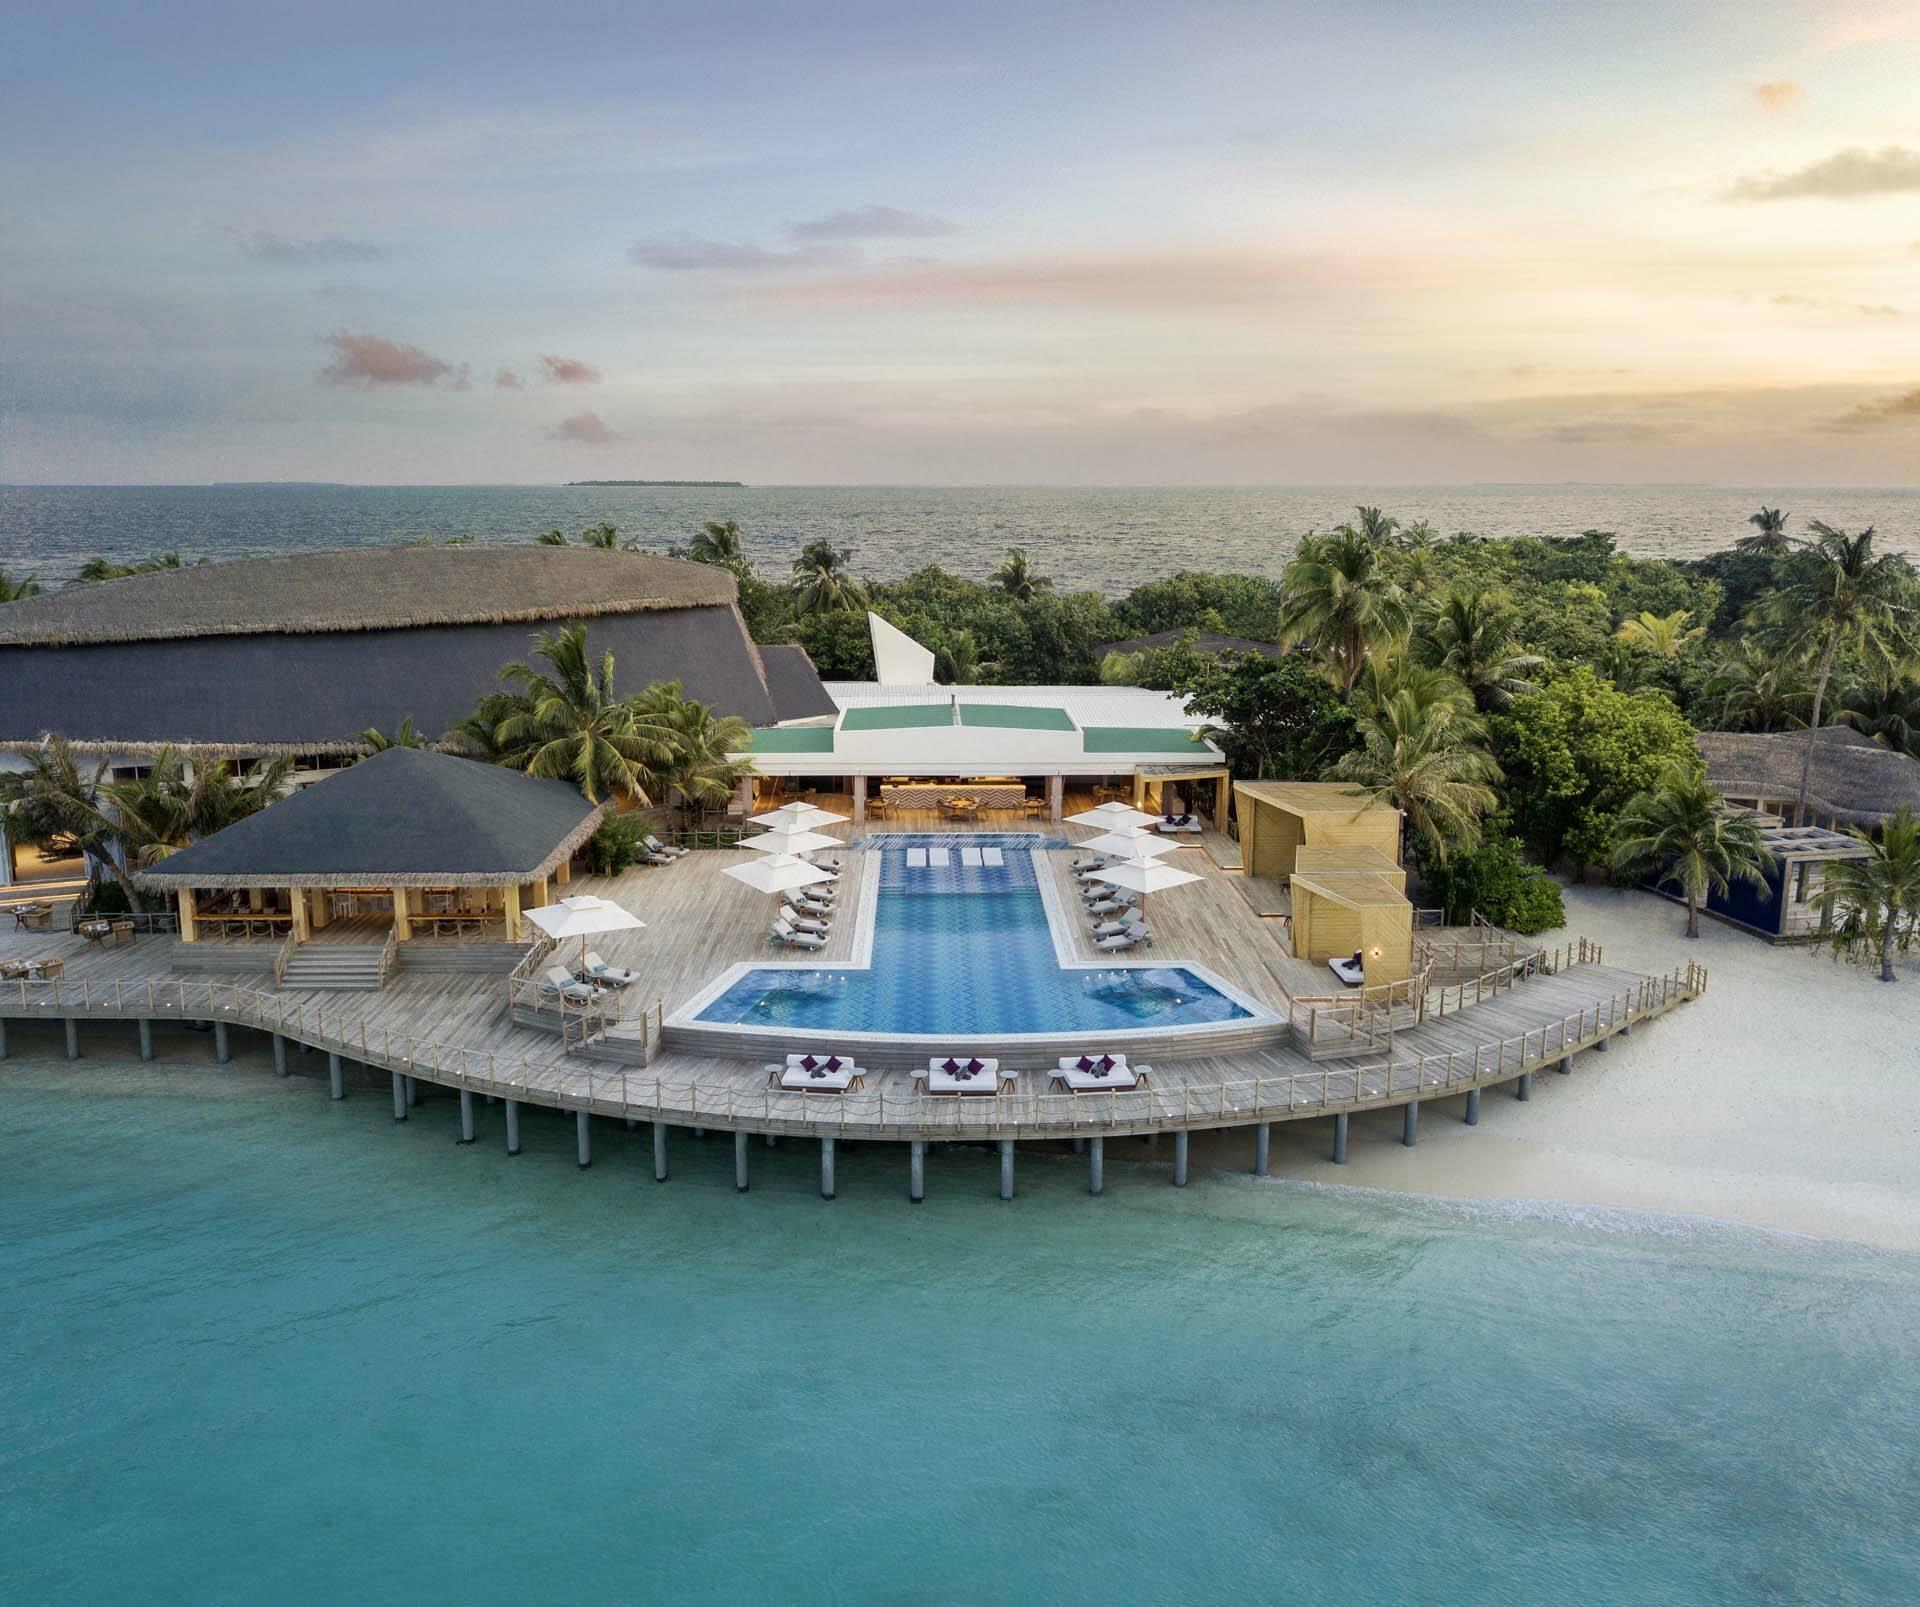 JW Marriott Maldives main pool